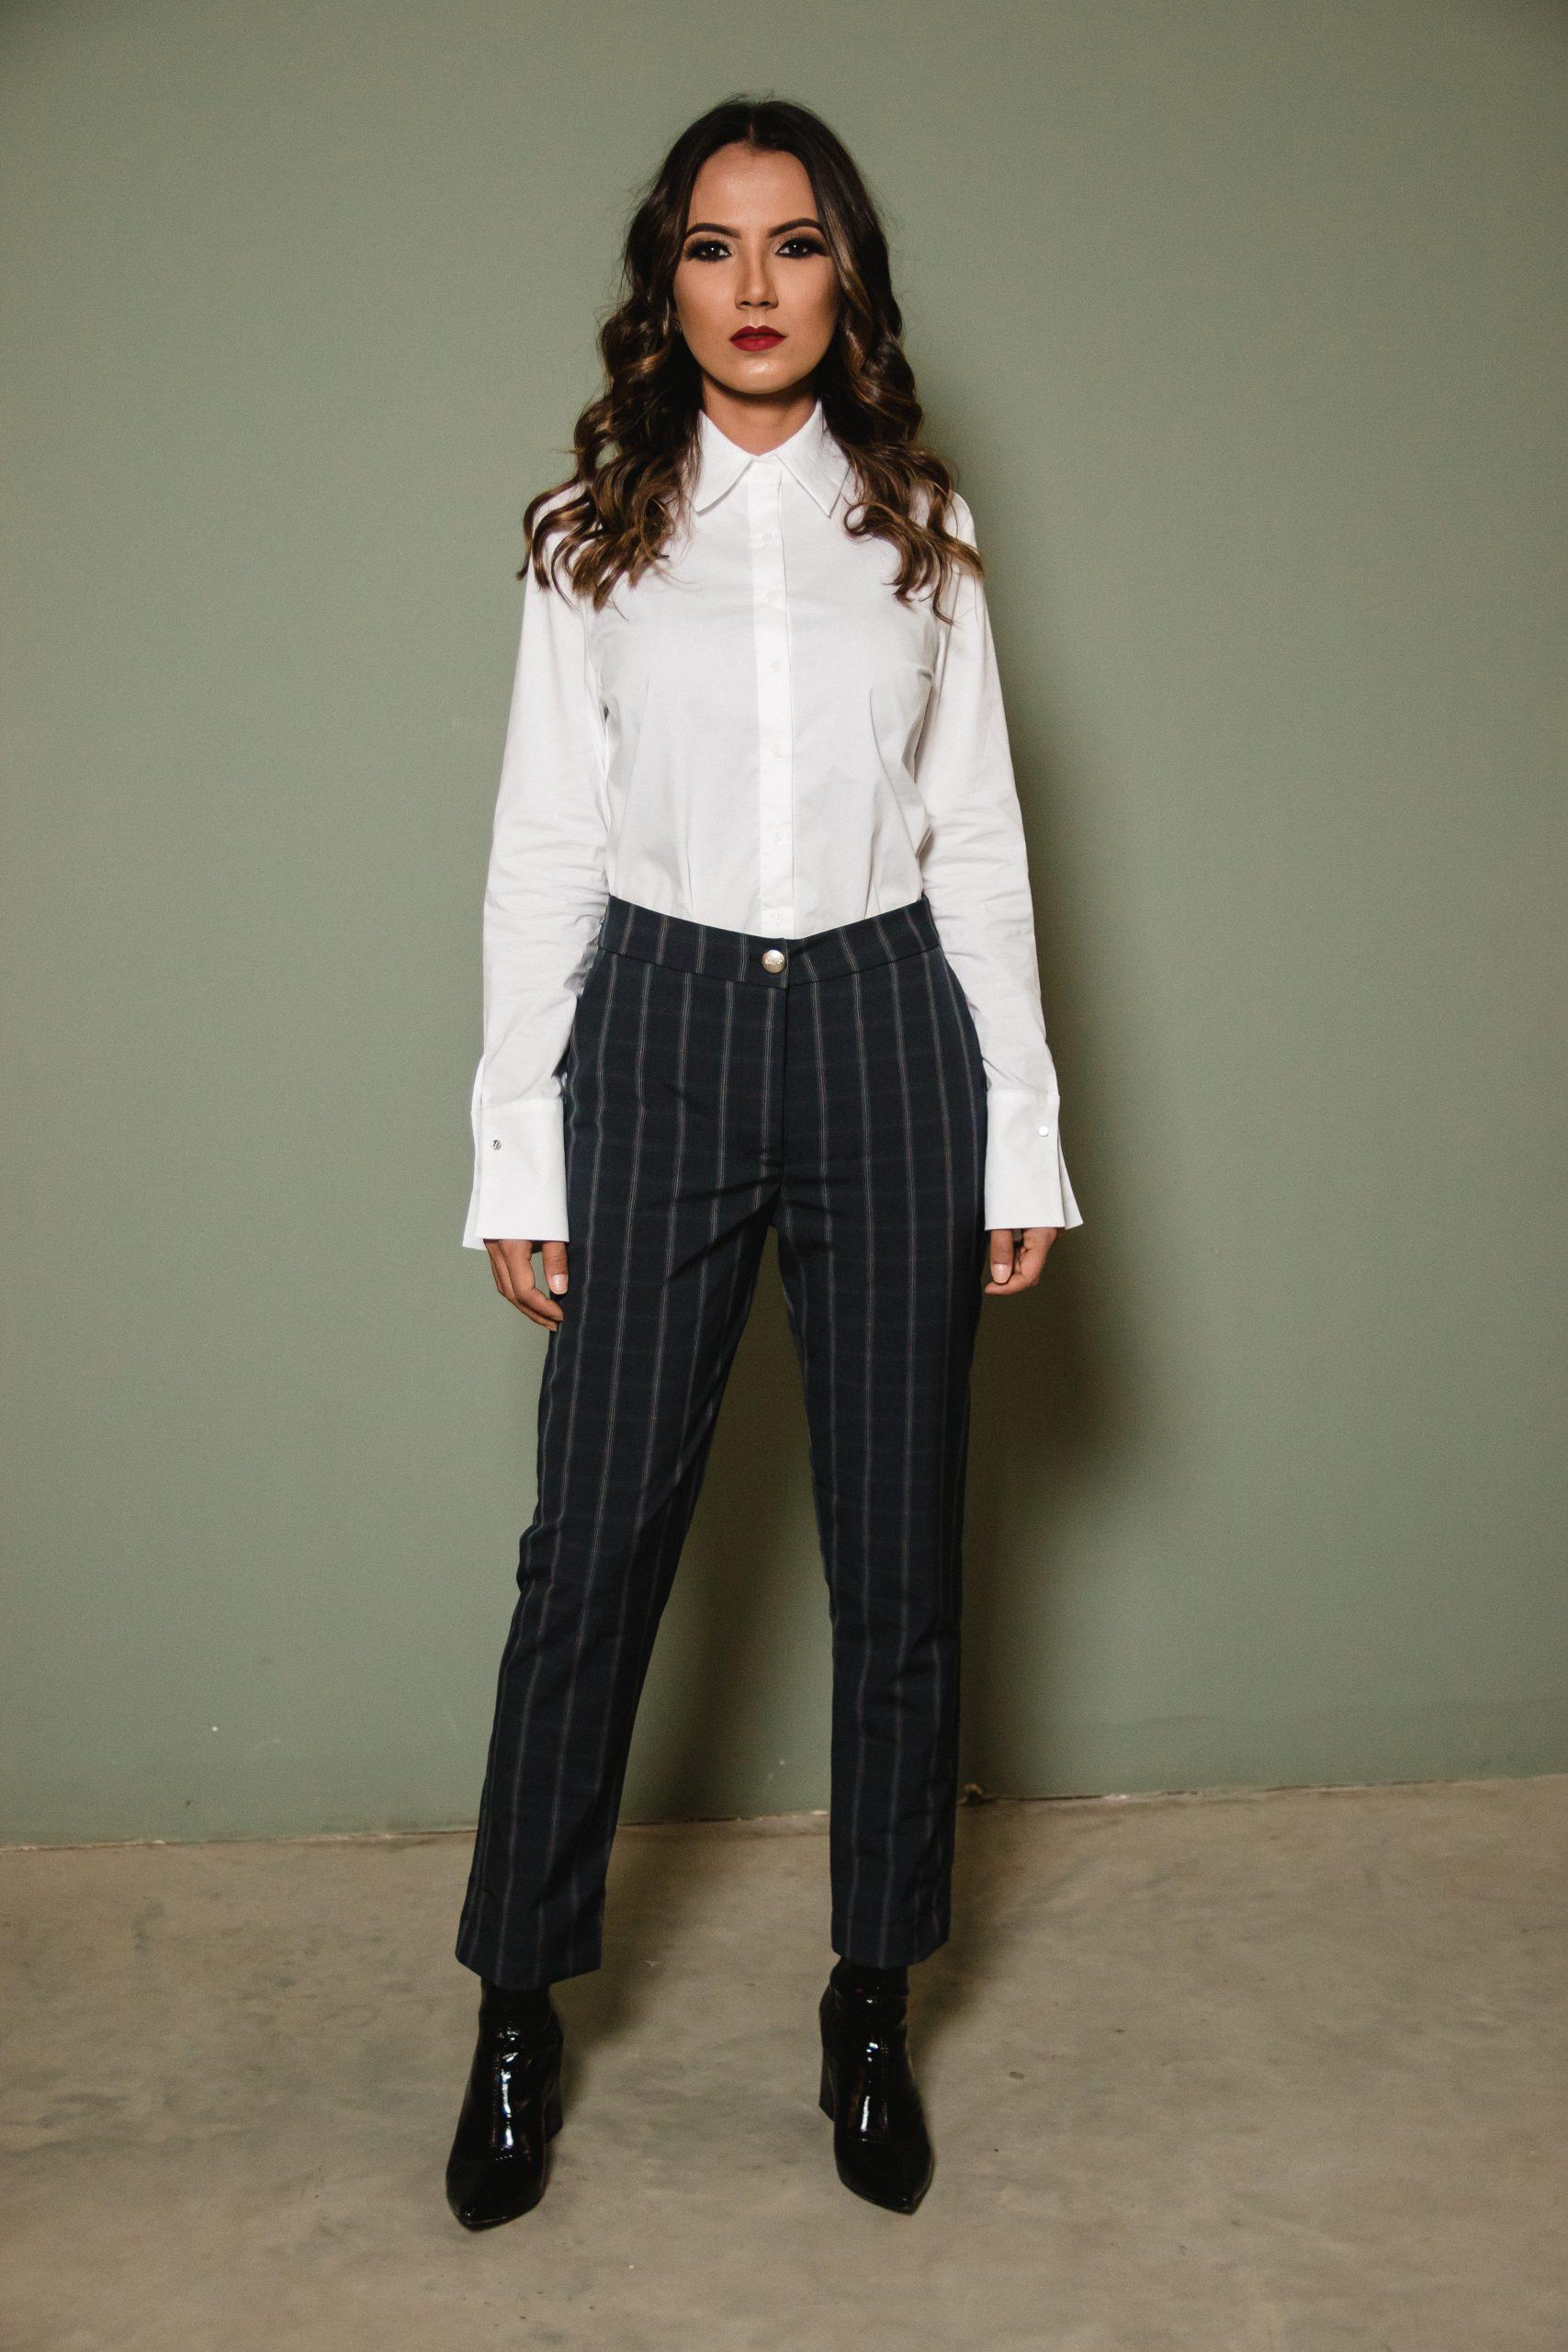 13 Einfach Abendbekleidung Damen VertriebFormal Wunderbar Abendbekleidung Damen Design